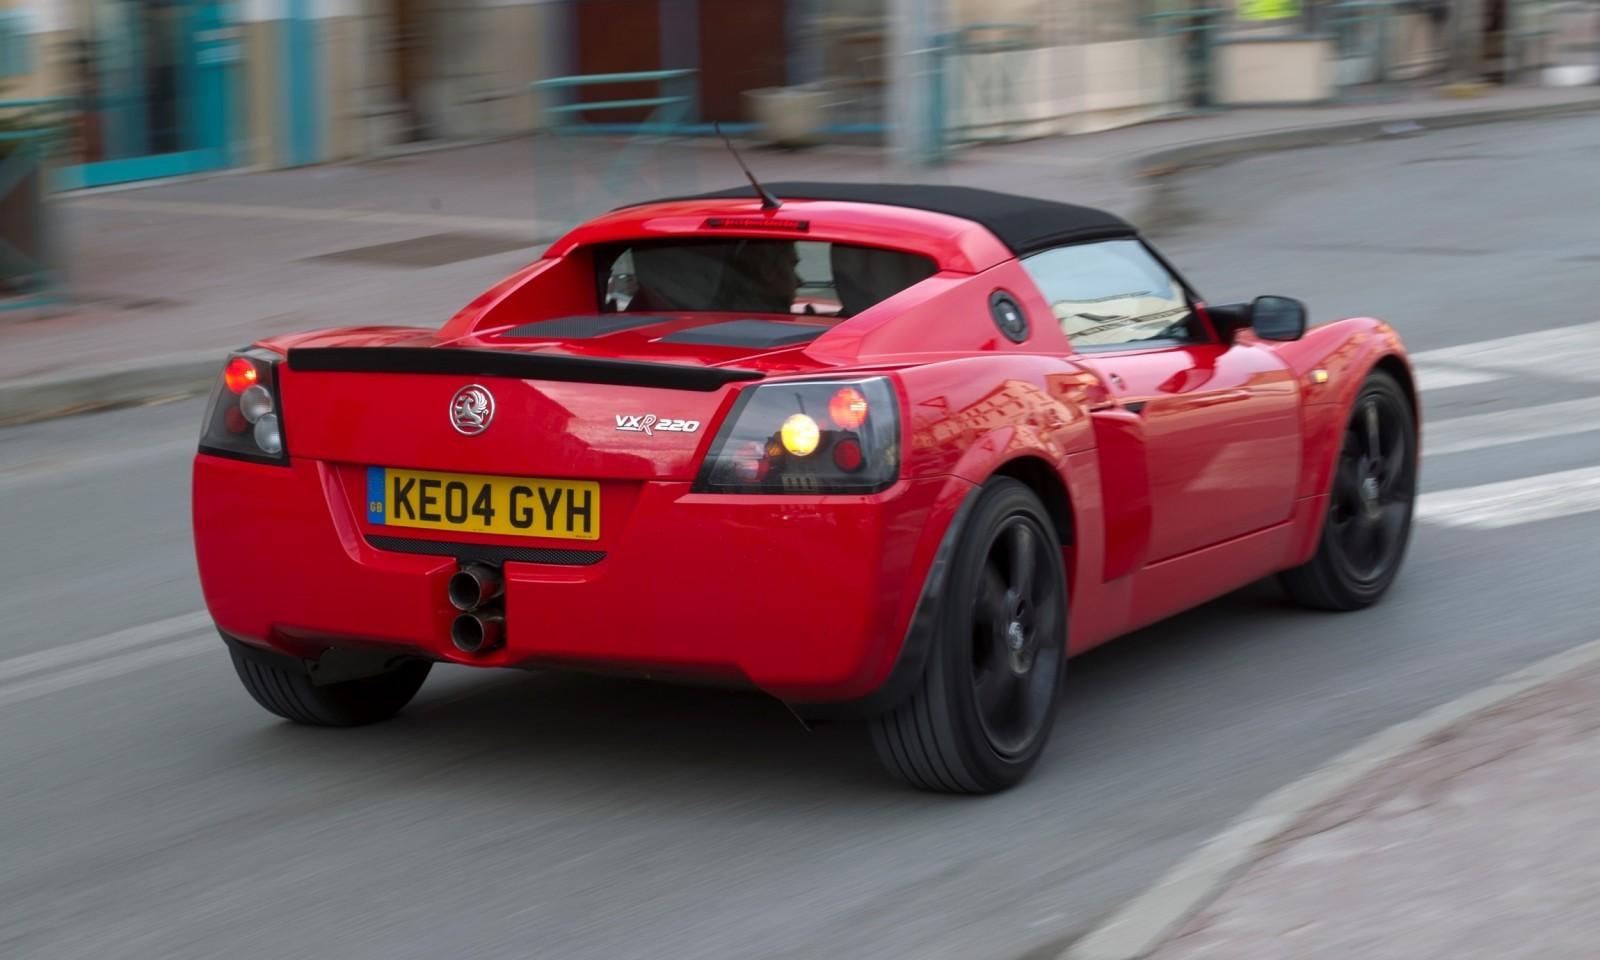 2004 Vauxhall VXR220 15